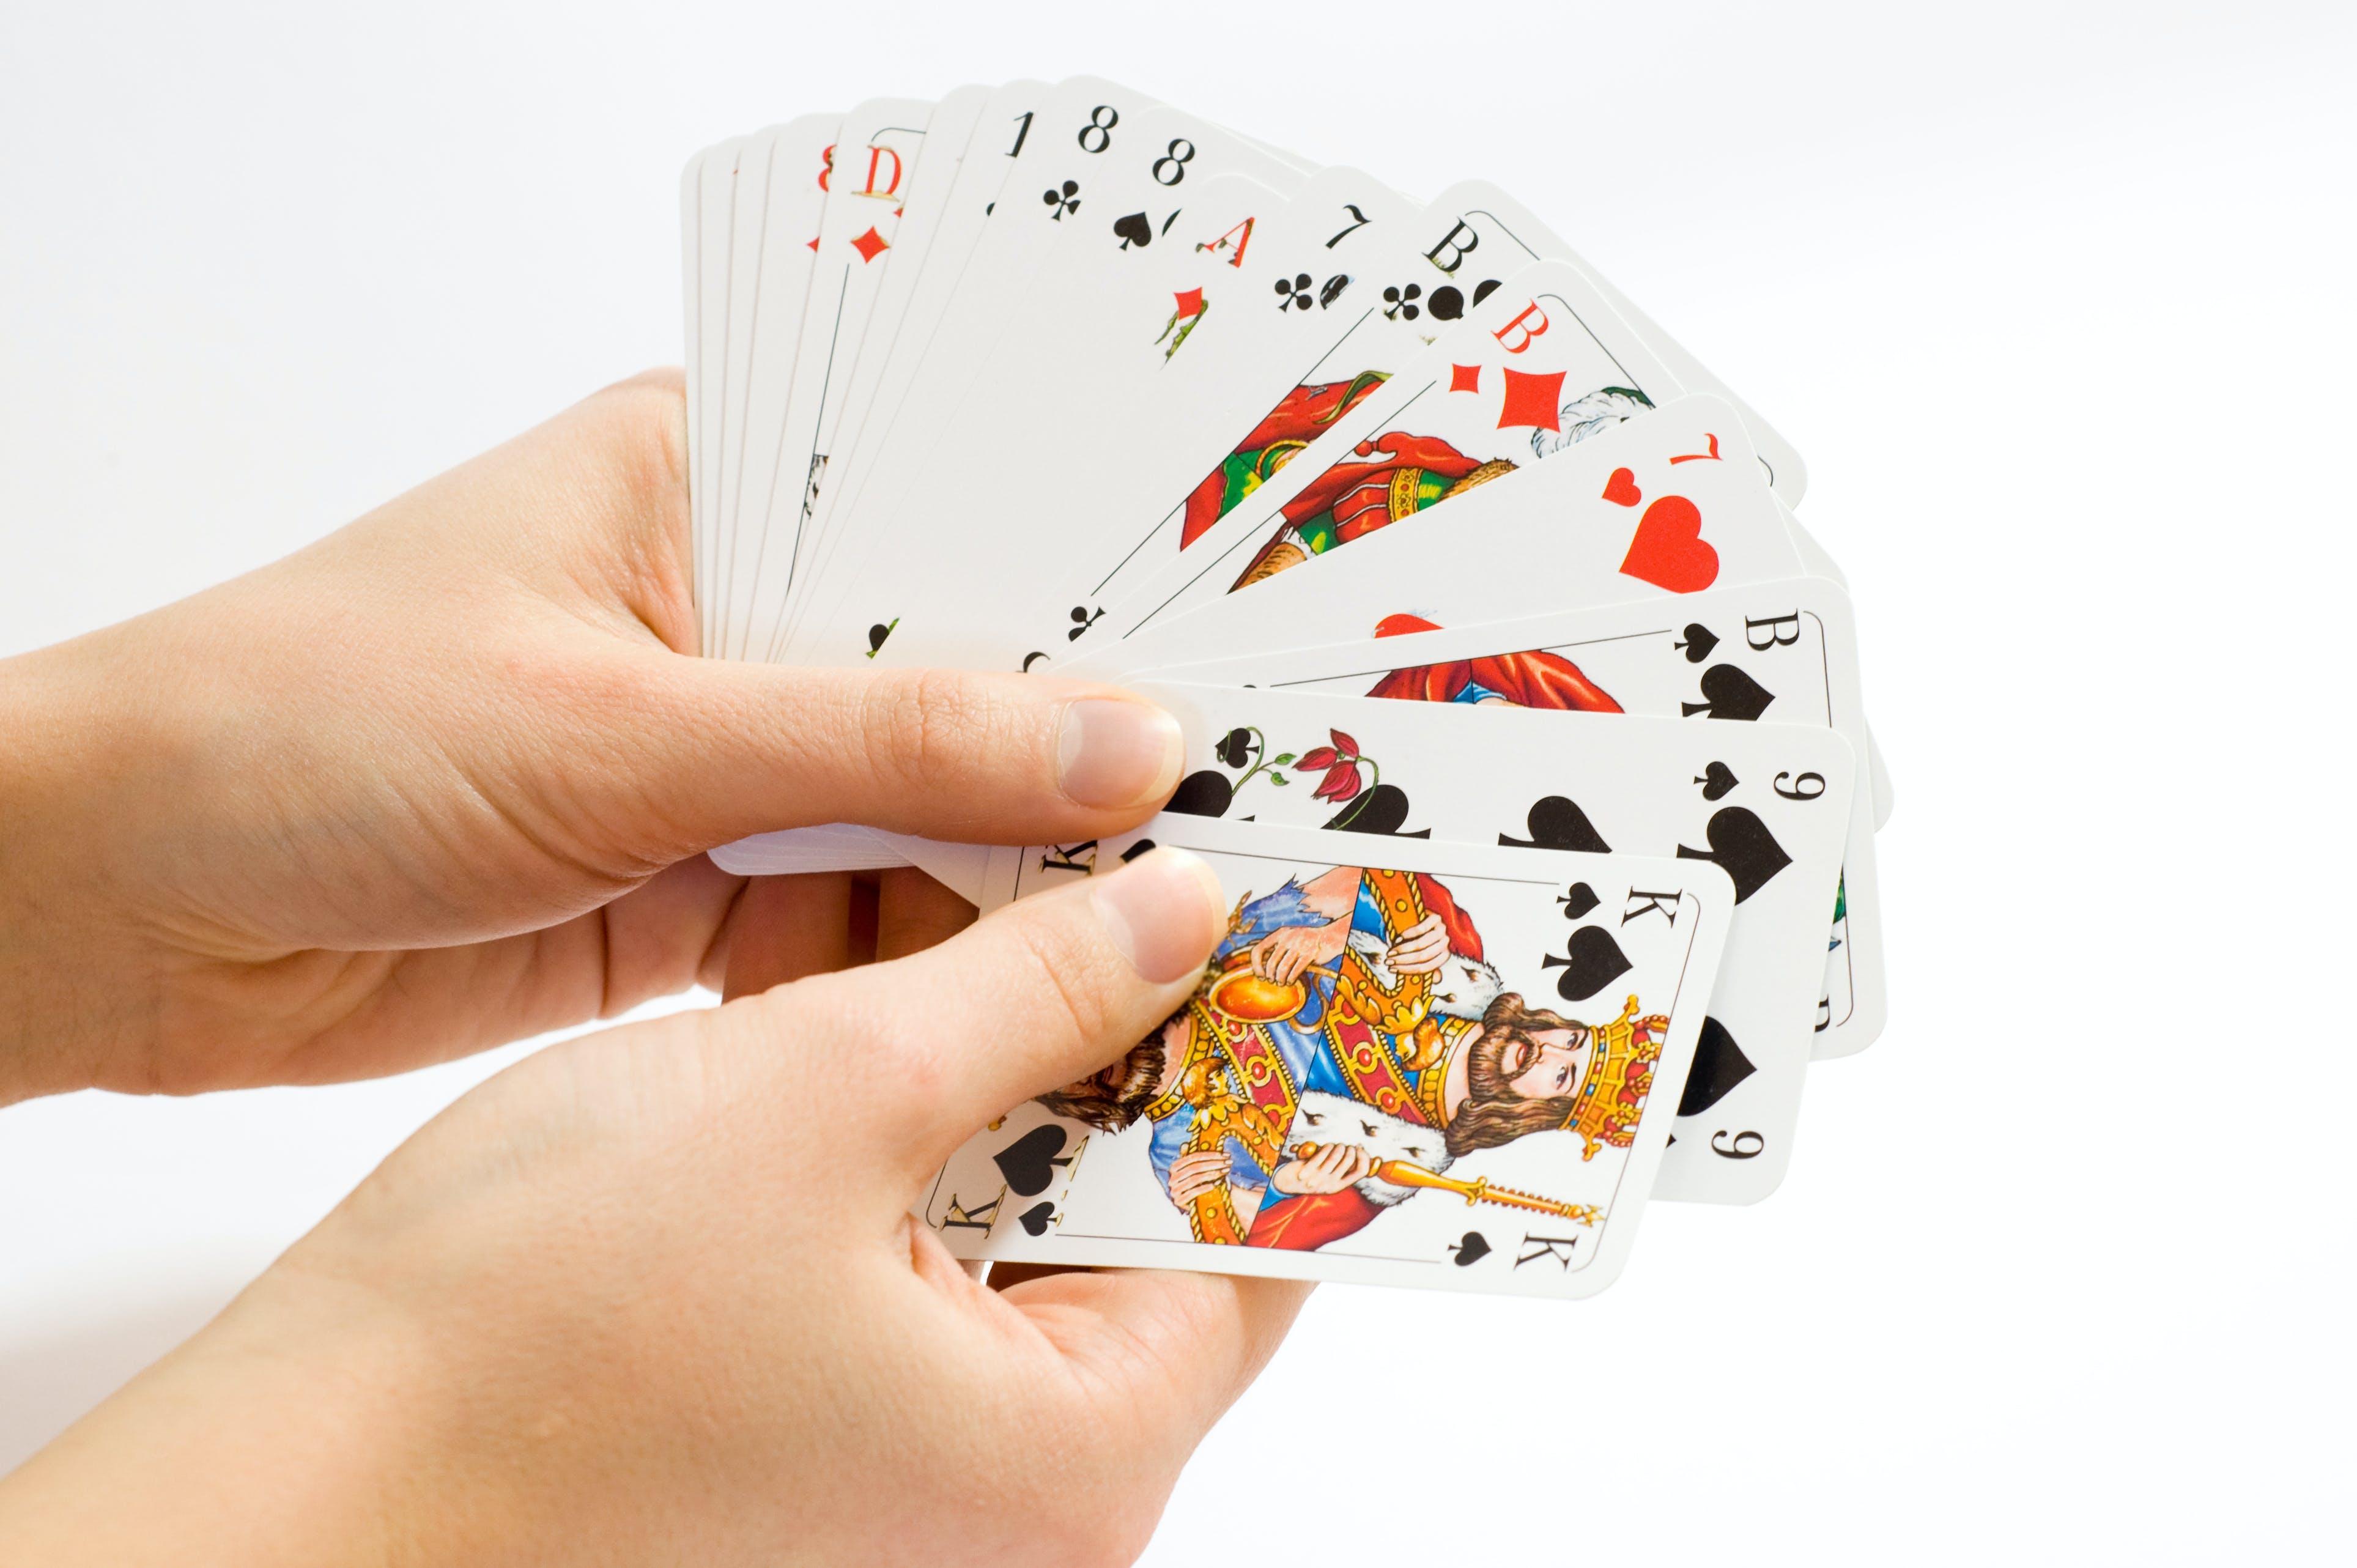 doğrum günü kartları, Kağıt oynamak, kart oyunu, kumar oynamak içeren Ücretsiz stok fotoğraf